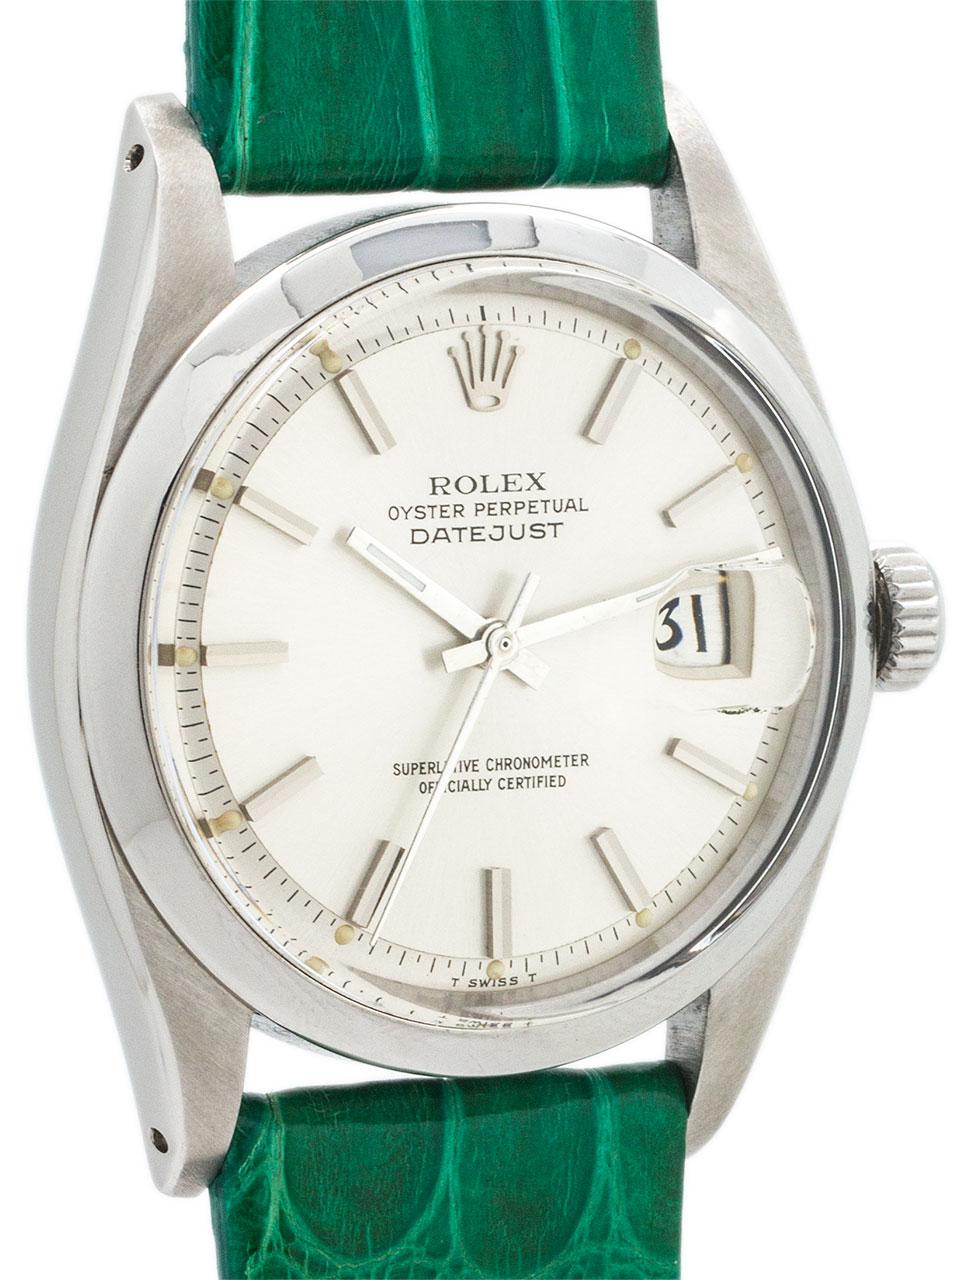 Rolex Datejust ref 1603 Stainless Steel circa 1979